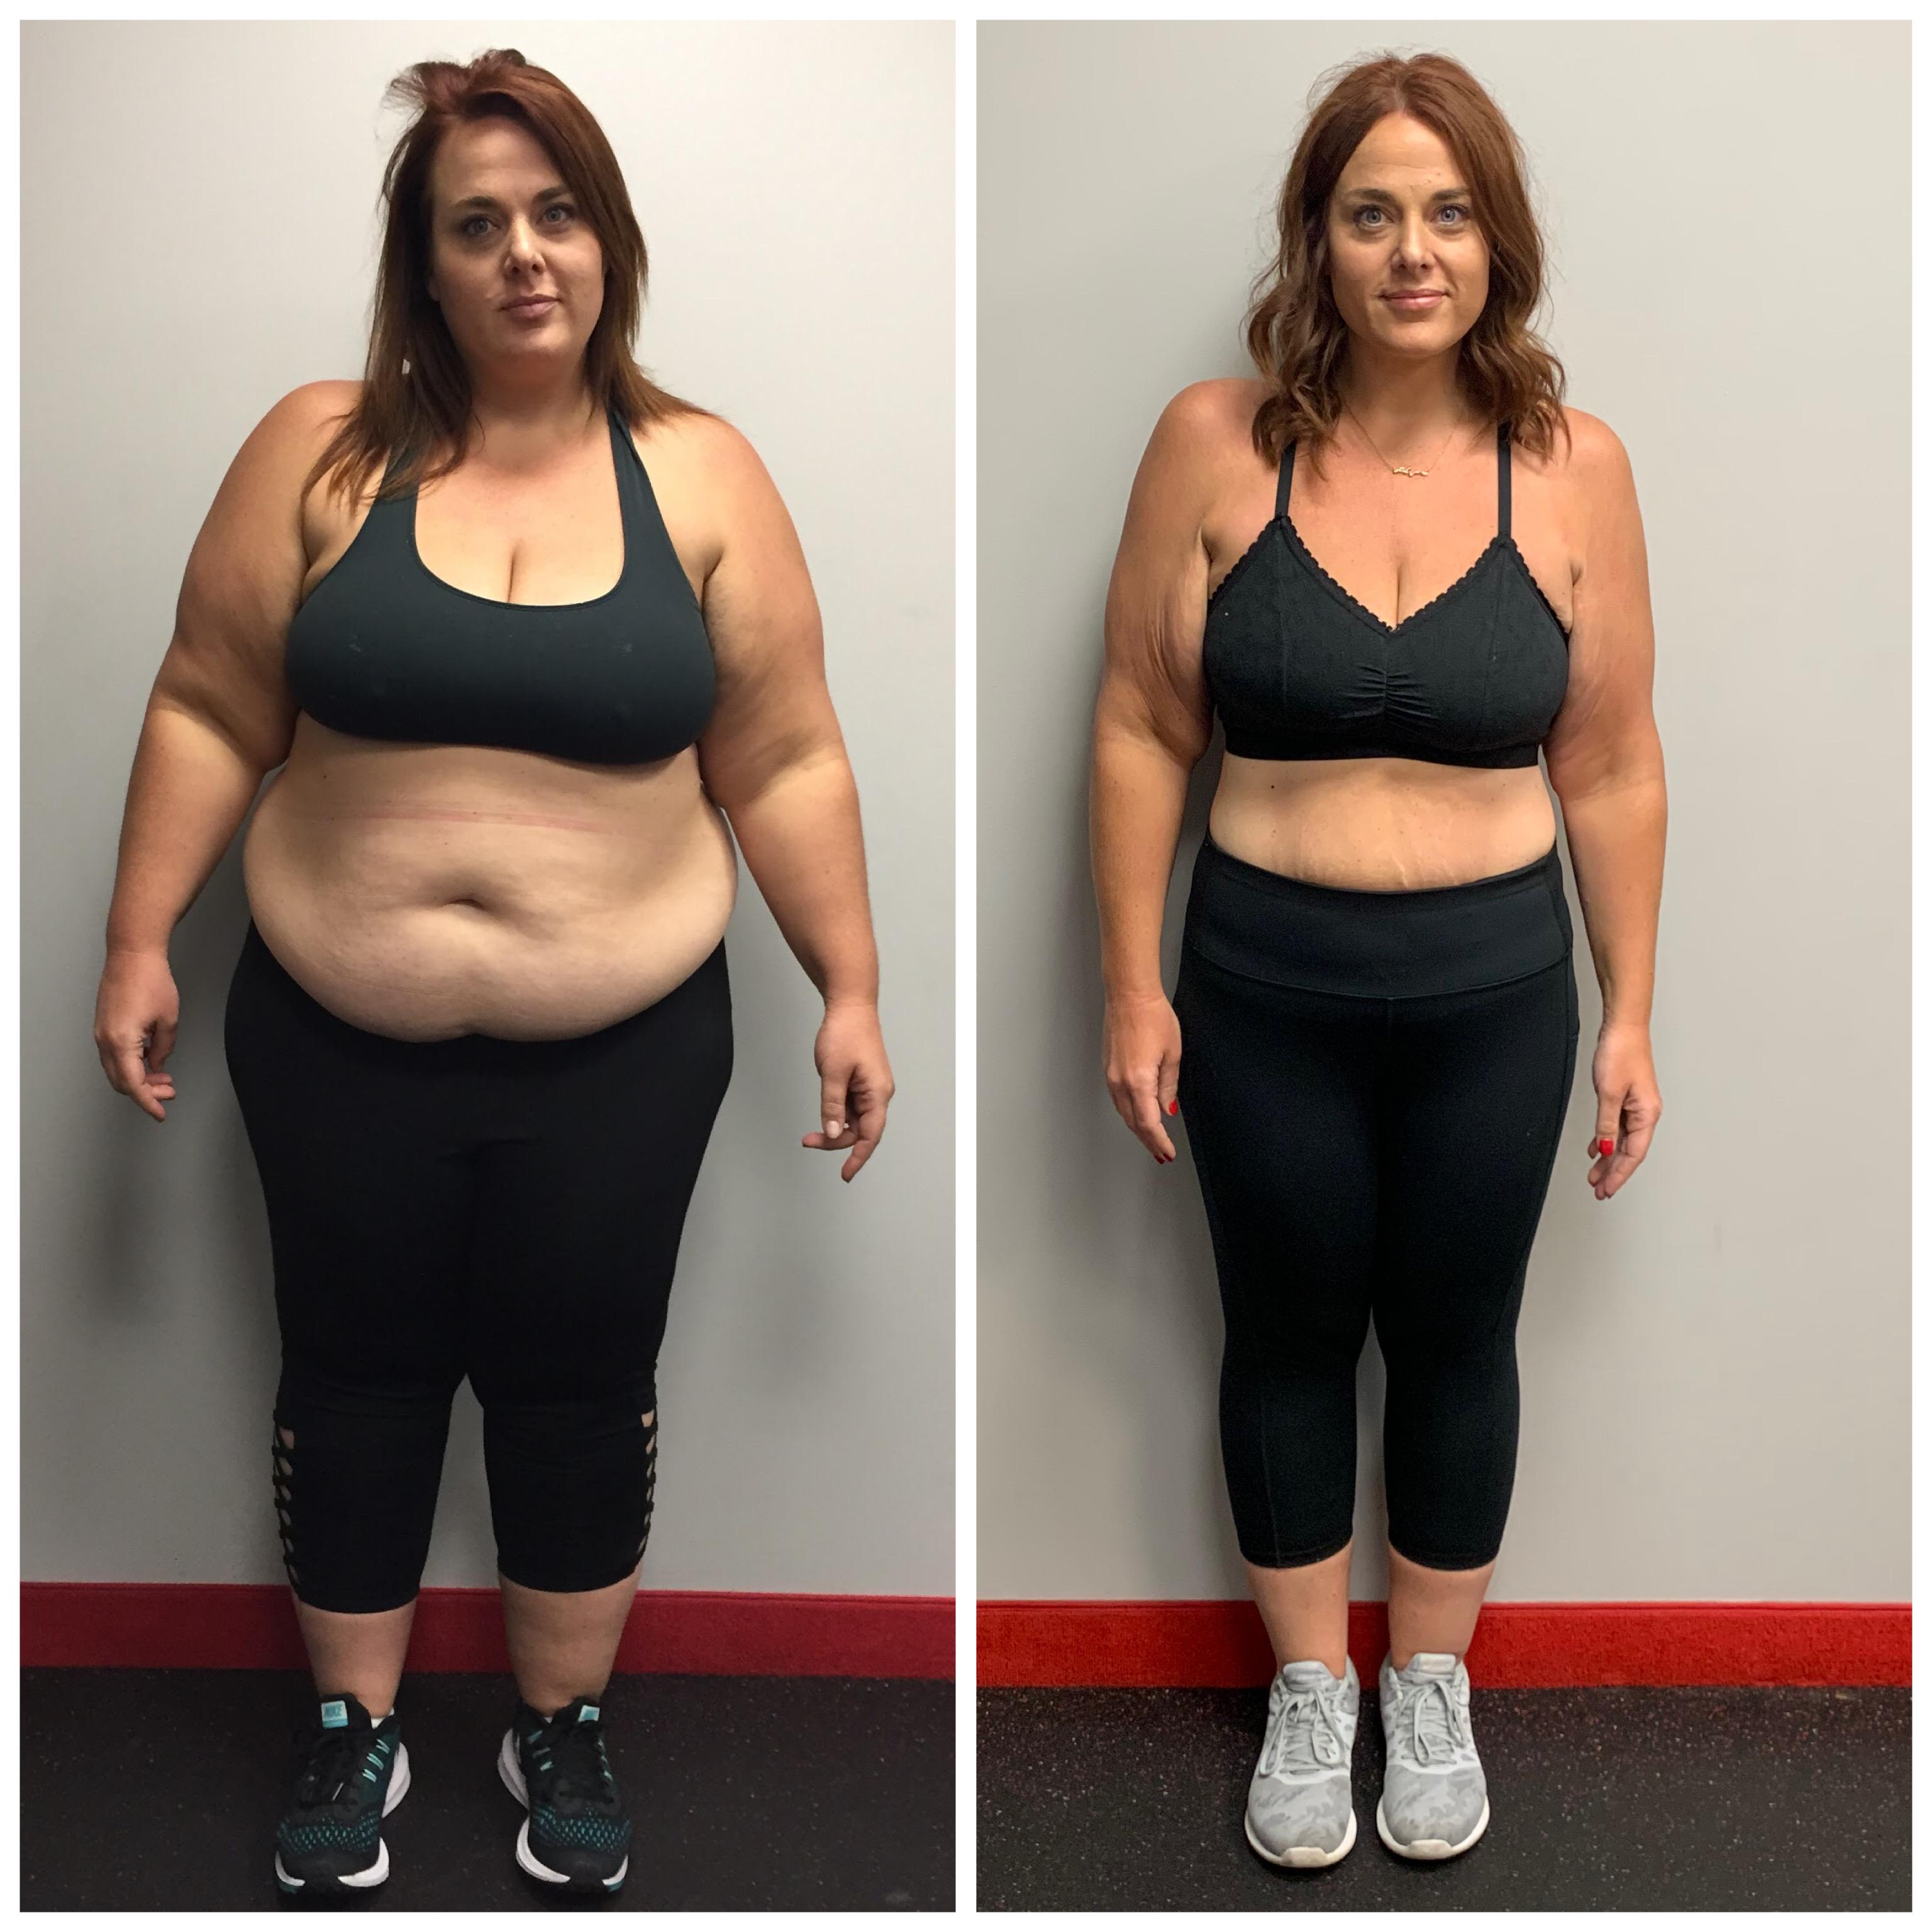 Jen transformation